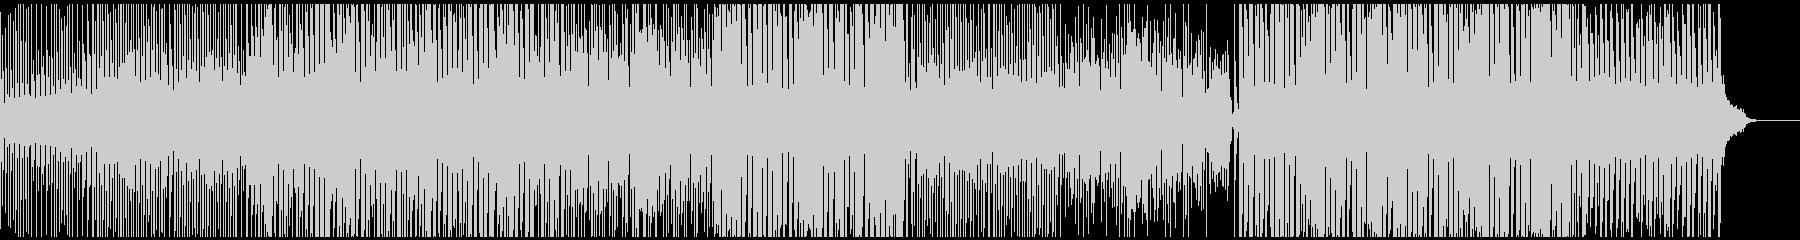 ポップ感動映像に ピアノで壮大おしゃれの未再生の波形